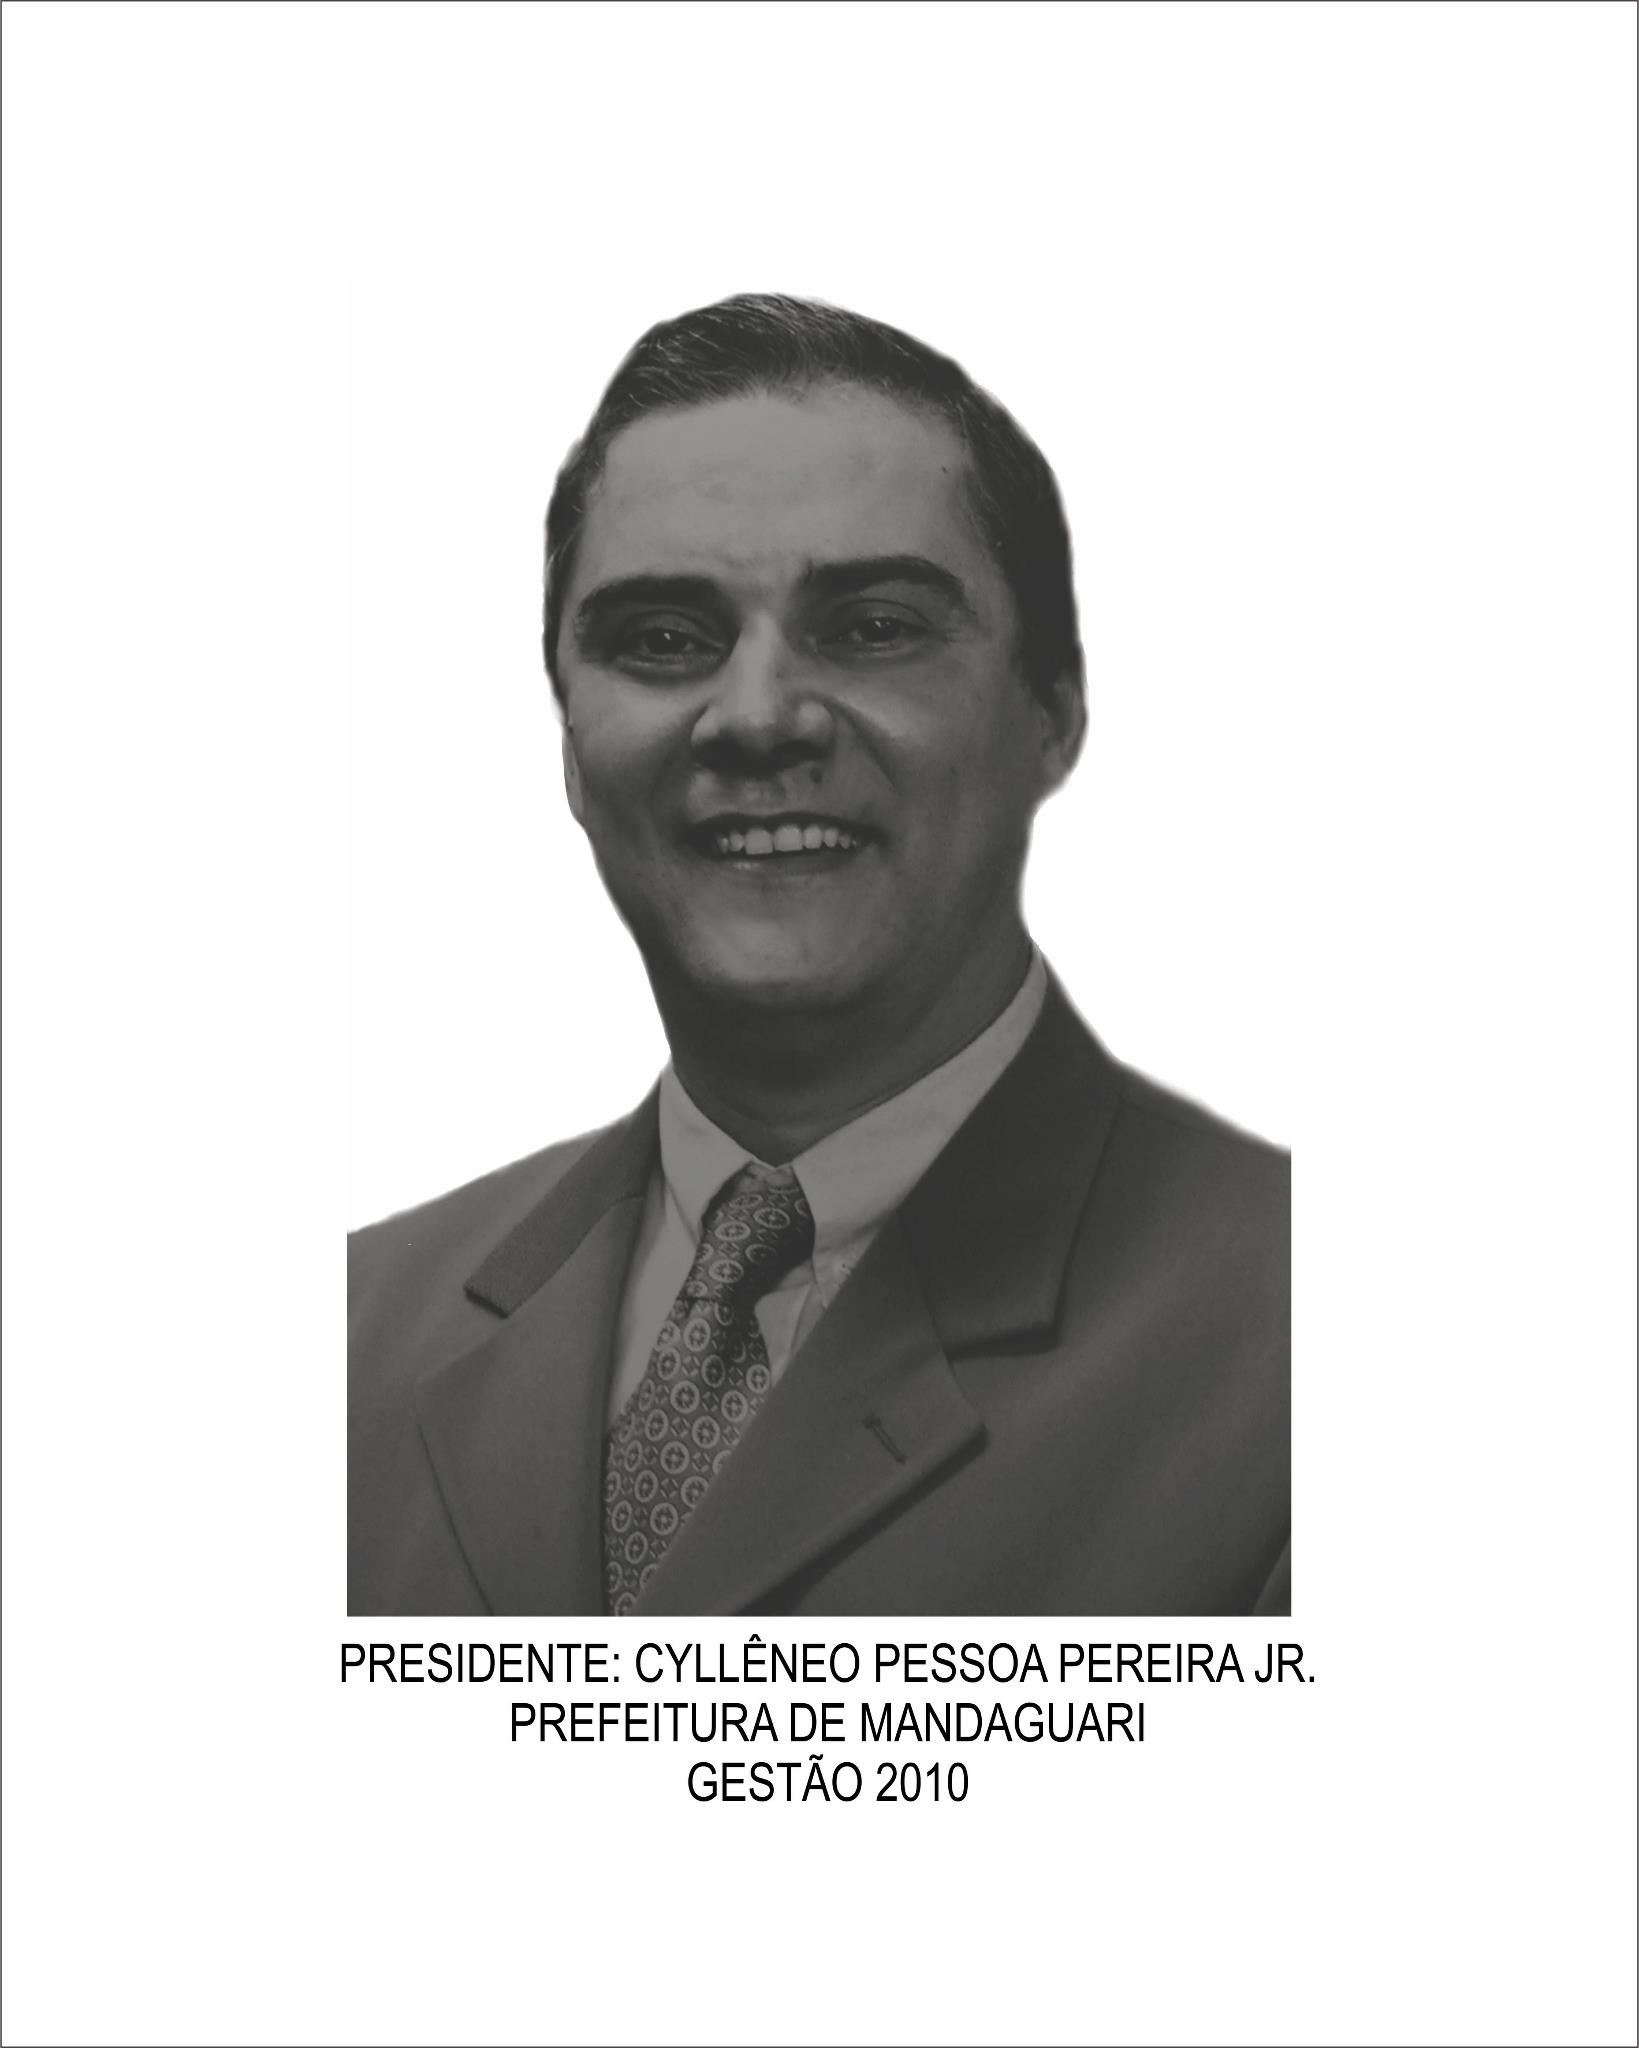 Cyllêneo Pessoa Pereira Júnior